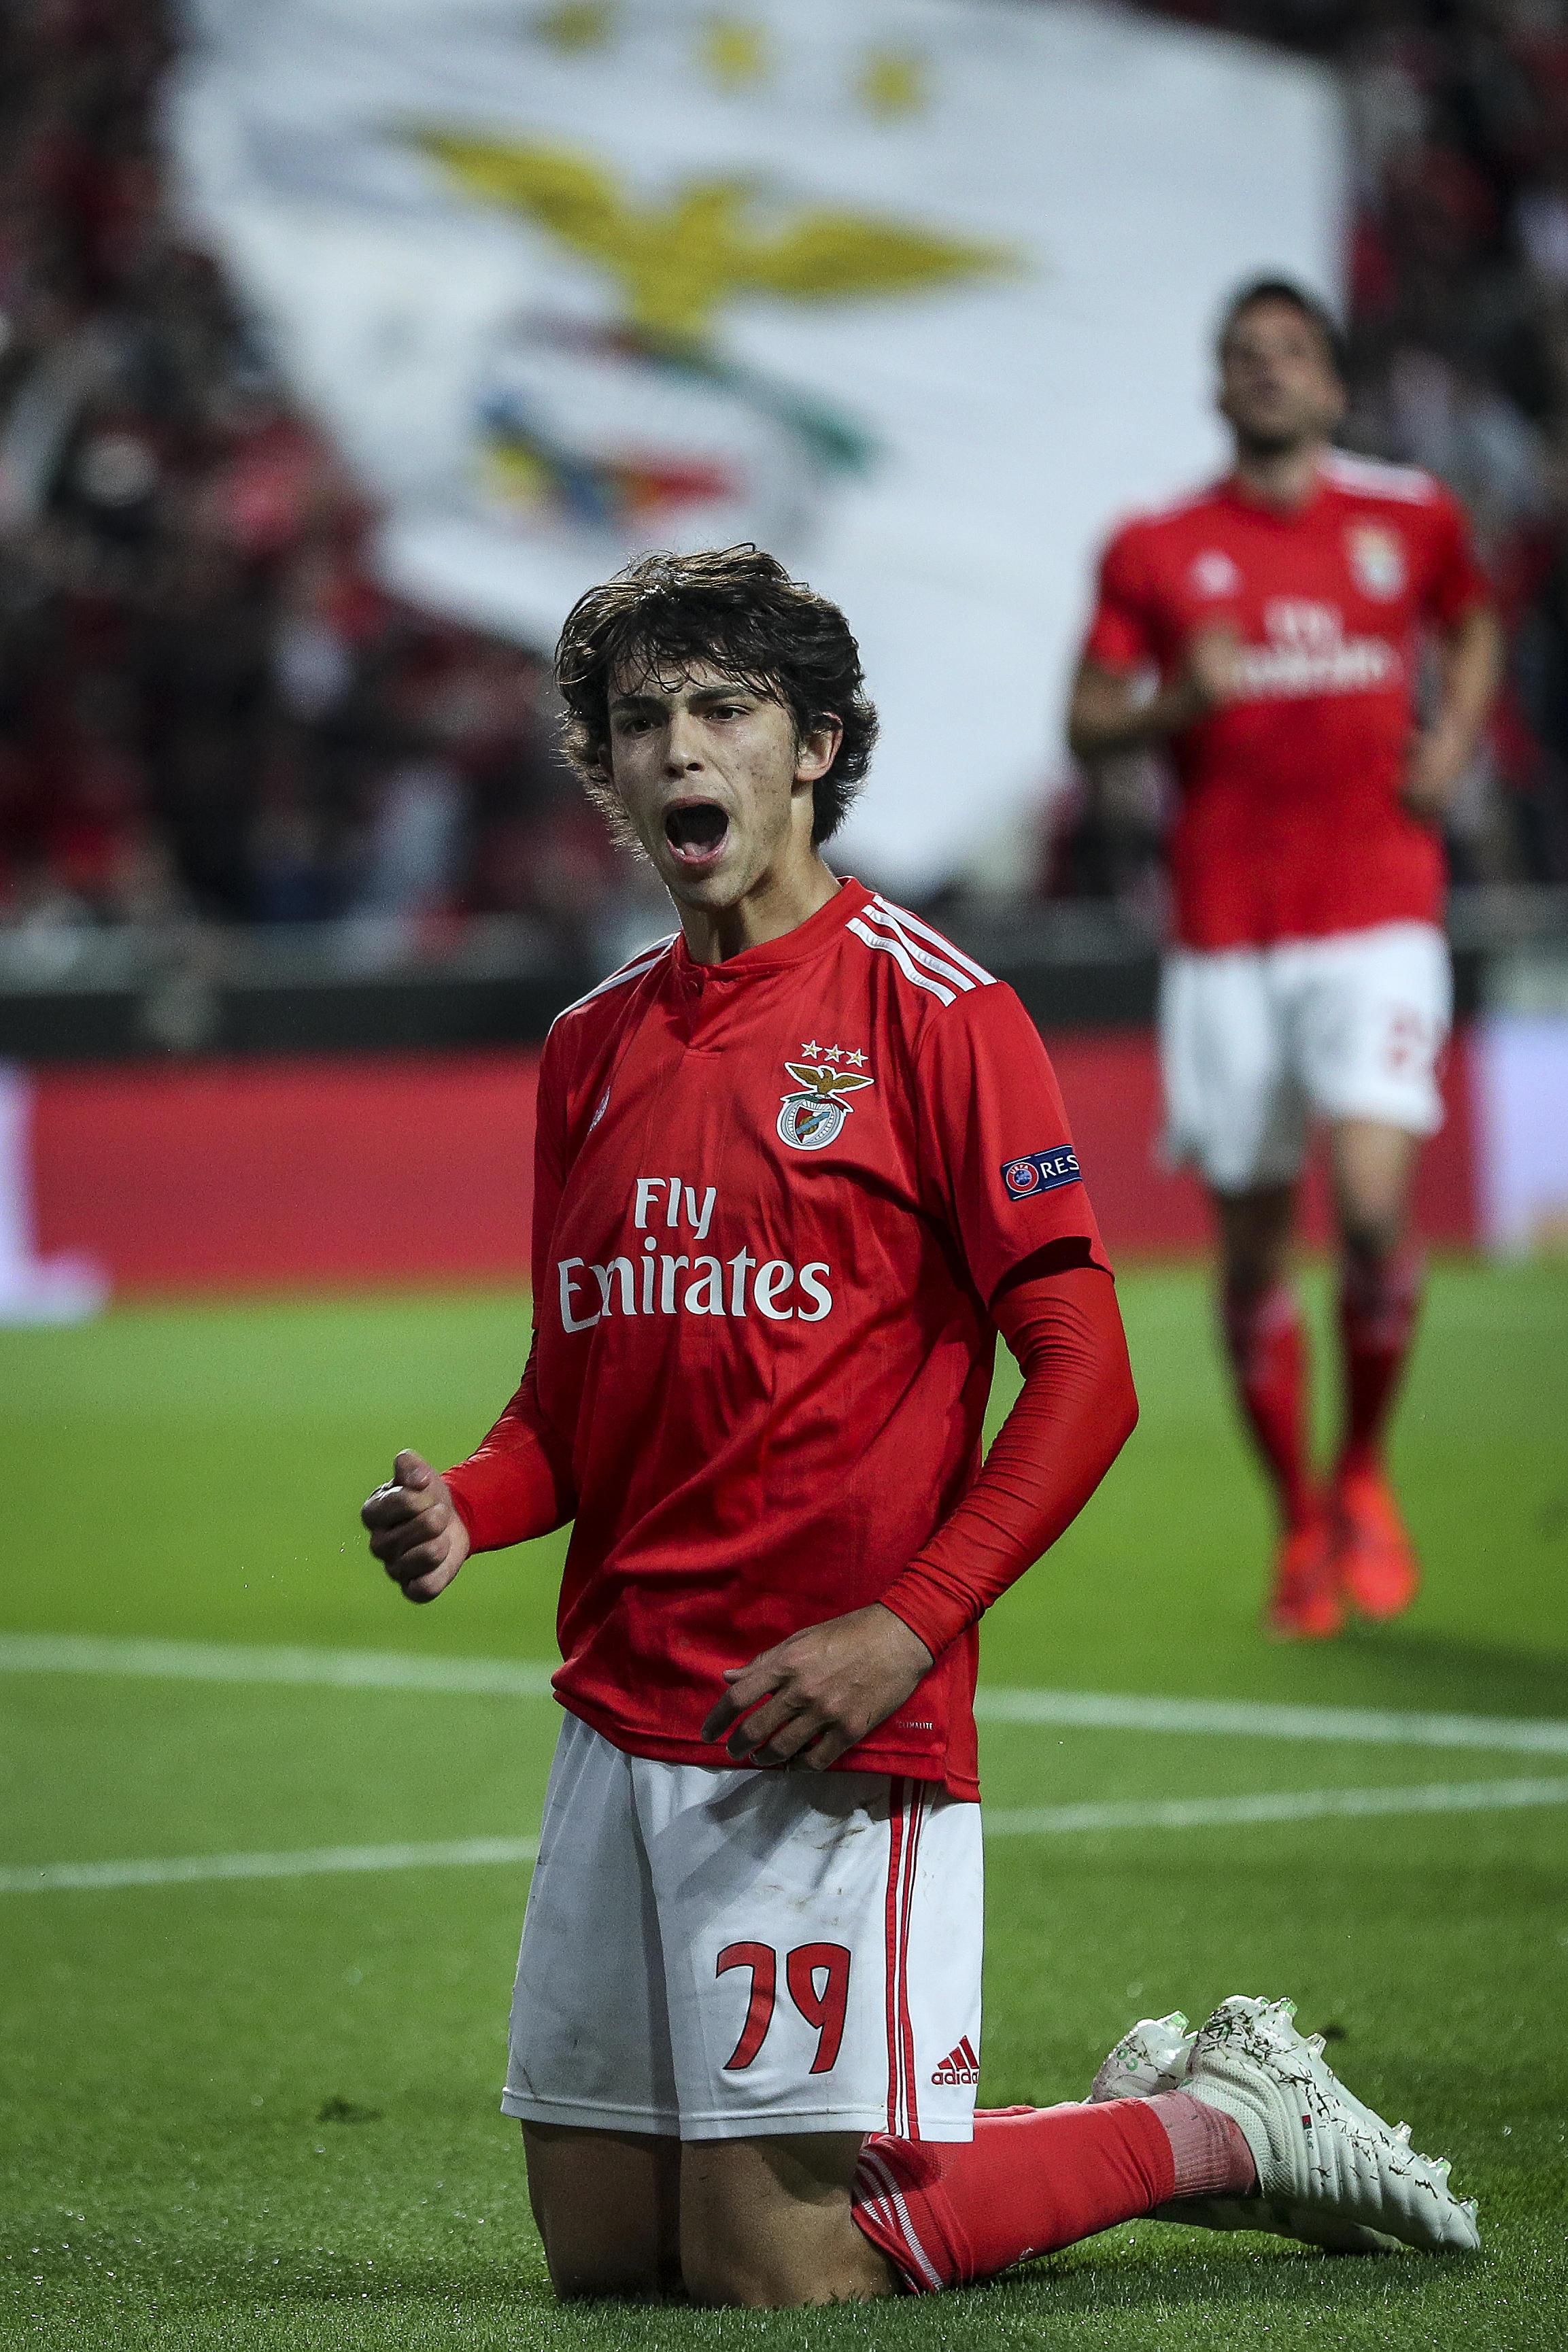 Juve, guarda Joao Felix! La stella nascente del calcio portoghese e del Benfica, classe 1999, che in patria paragonano già al connazionale Cristiano R...